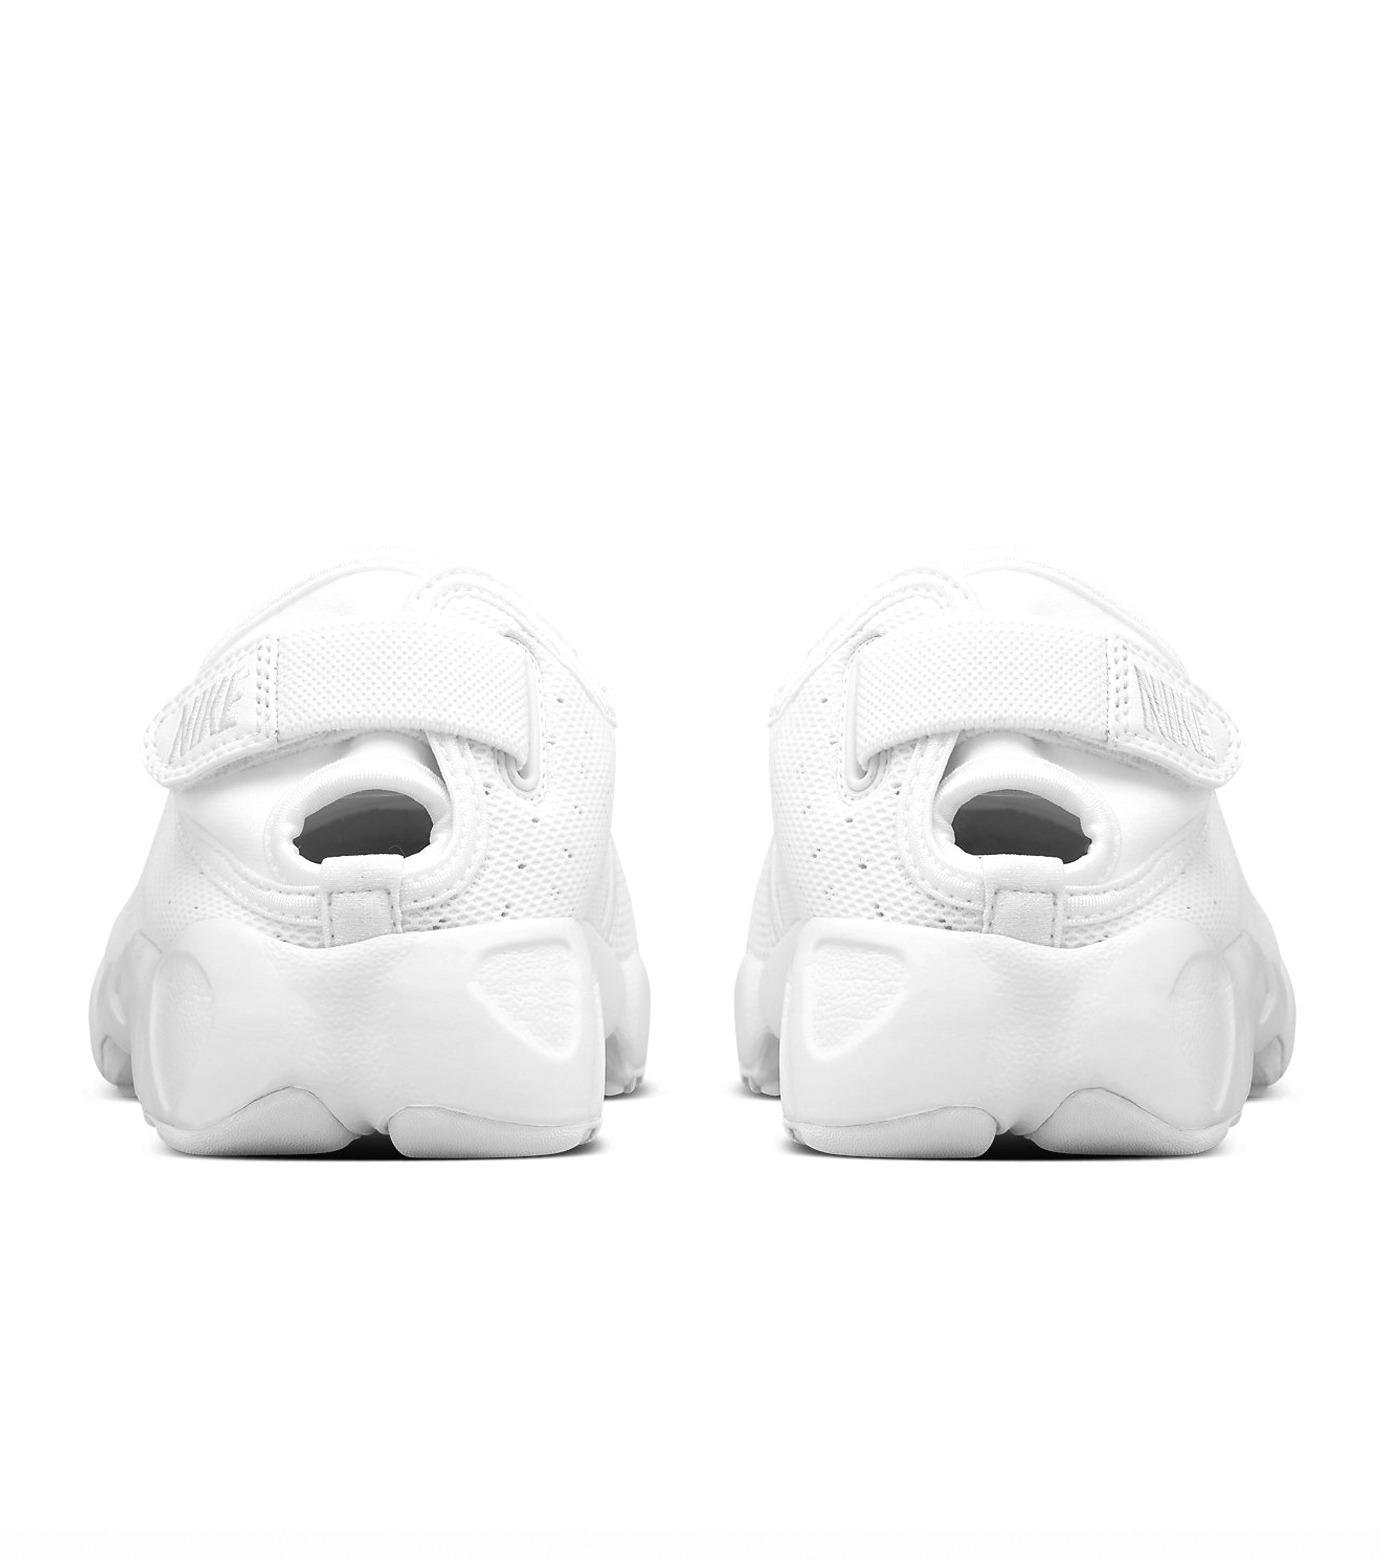 NIKE(ナイキ)のWMNS RIFT WRAP-WHITE(シューズ/shoes)-853541-100-4 拡大詳細画像6